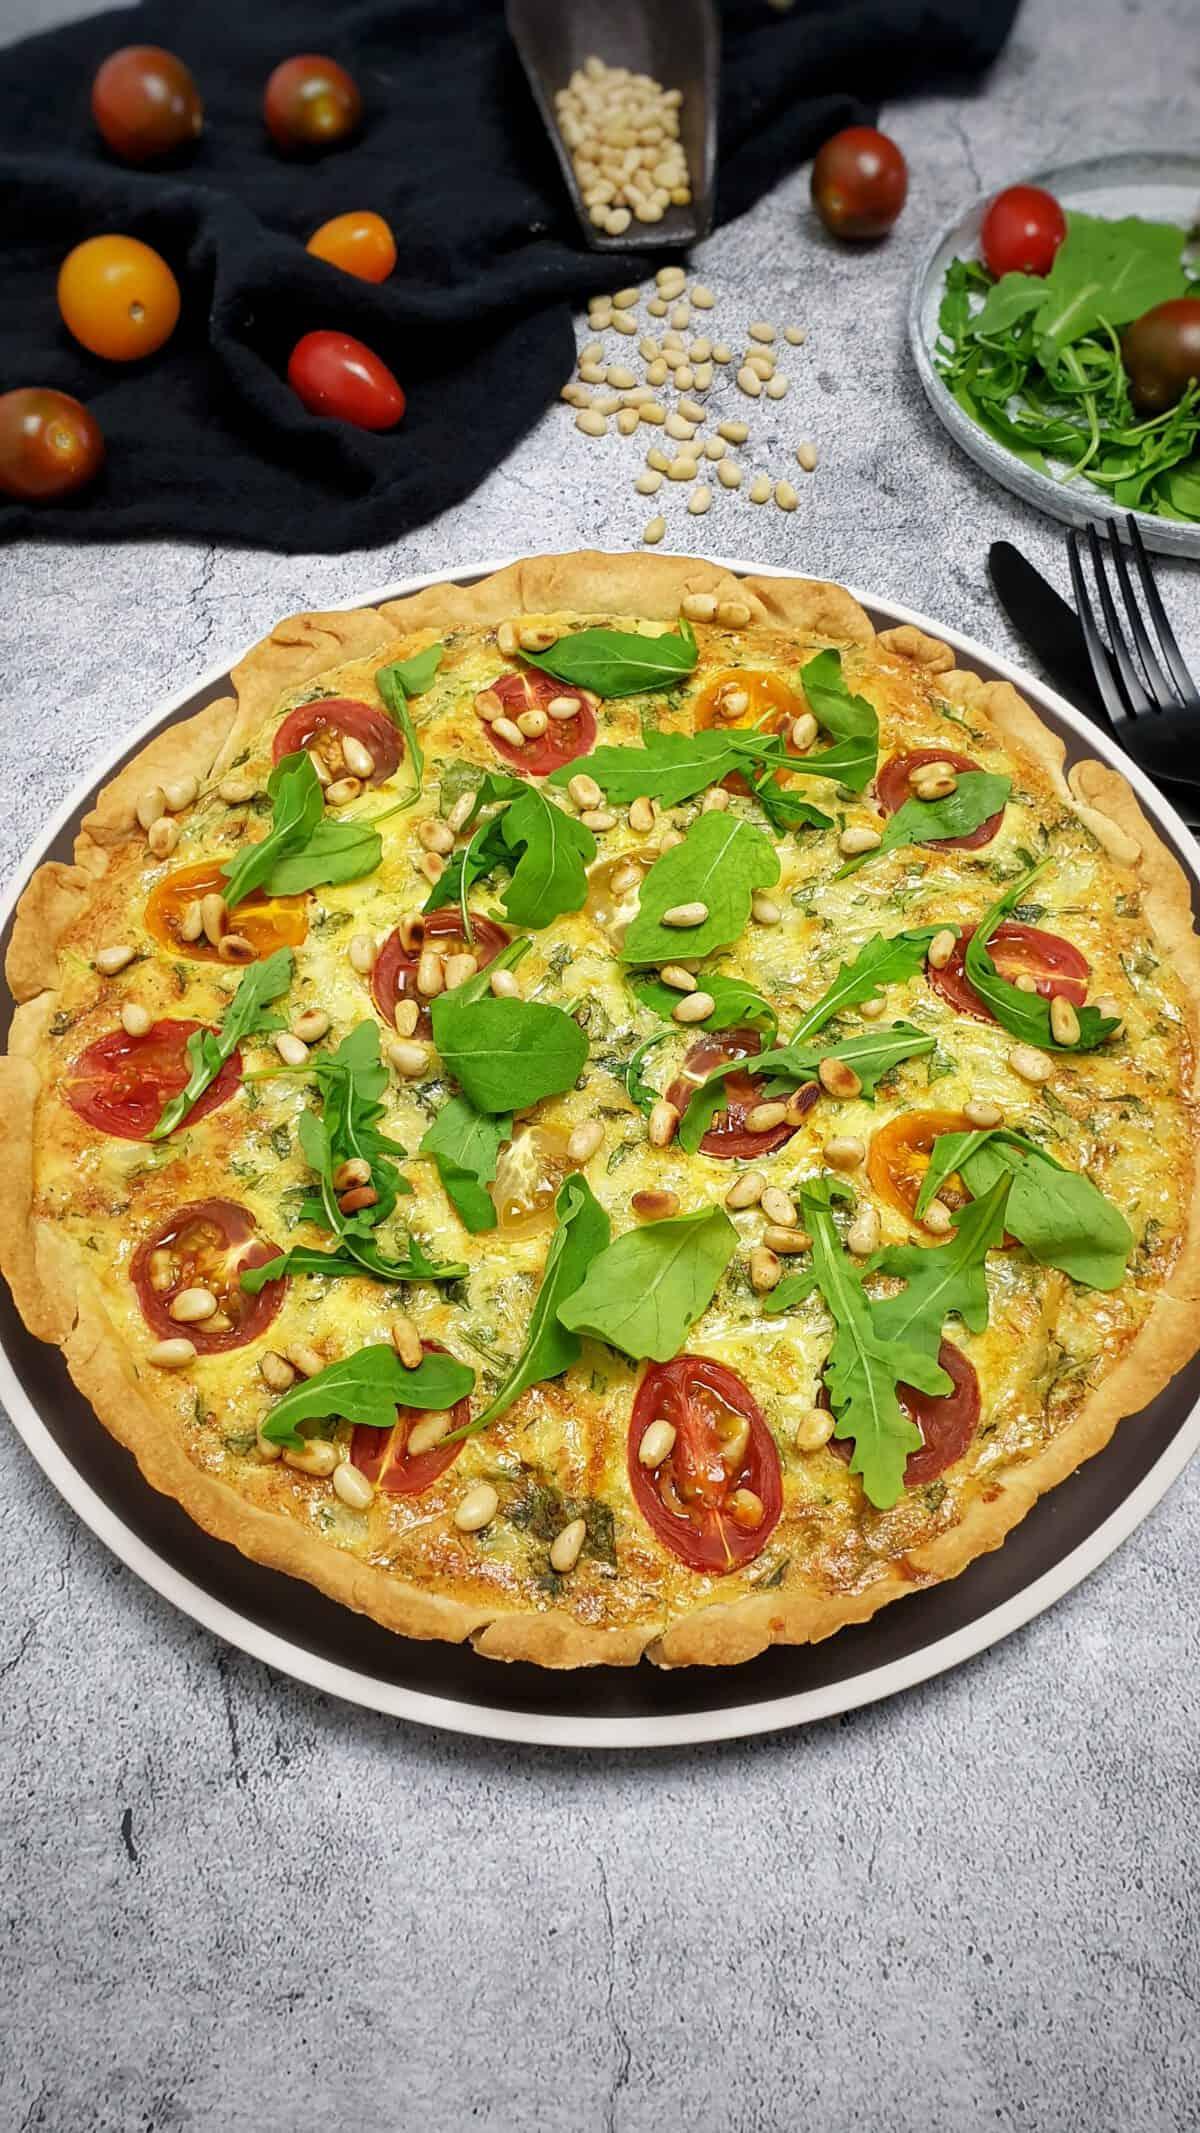 Auf einem graubraunen Teller eine Quiche mit Rucol, Tomaten und Pinienkernen. Im Hintergrund Deko.